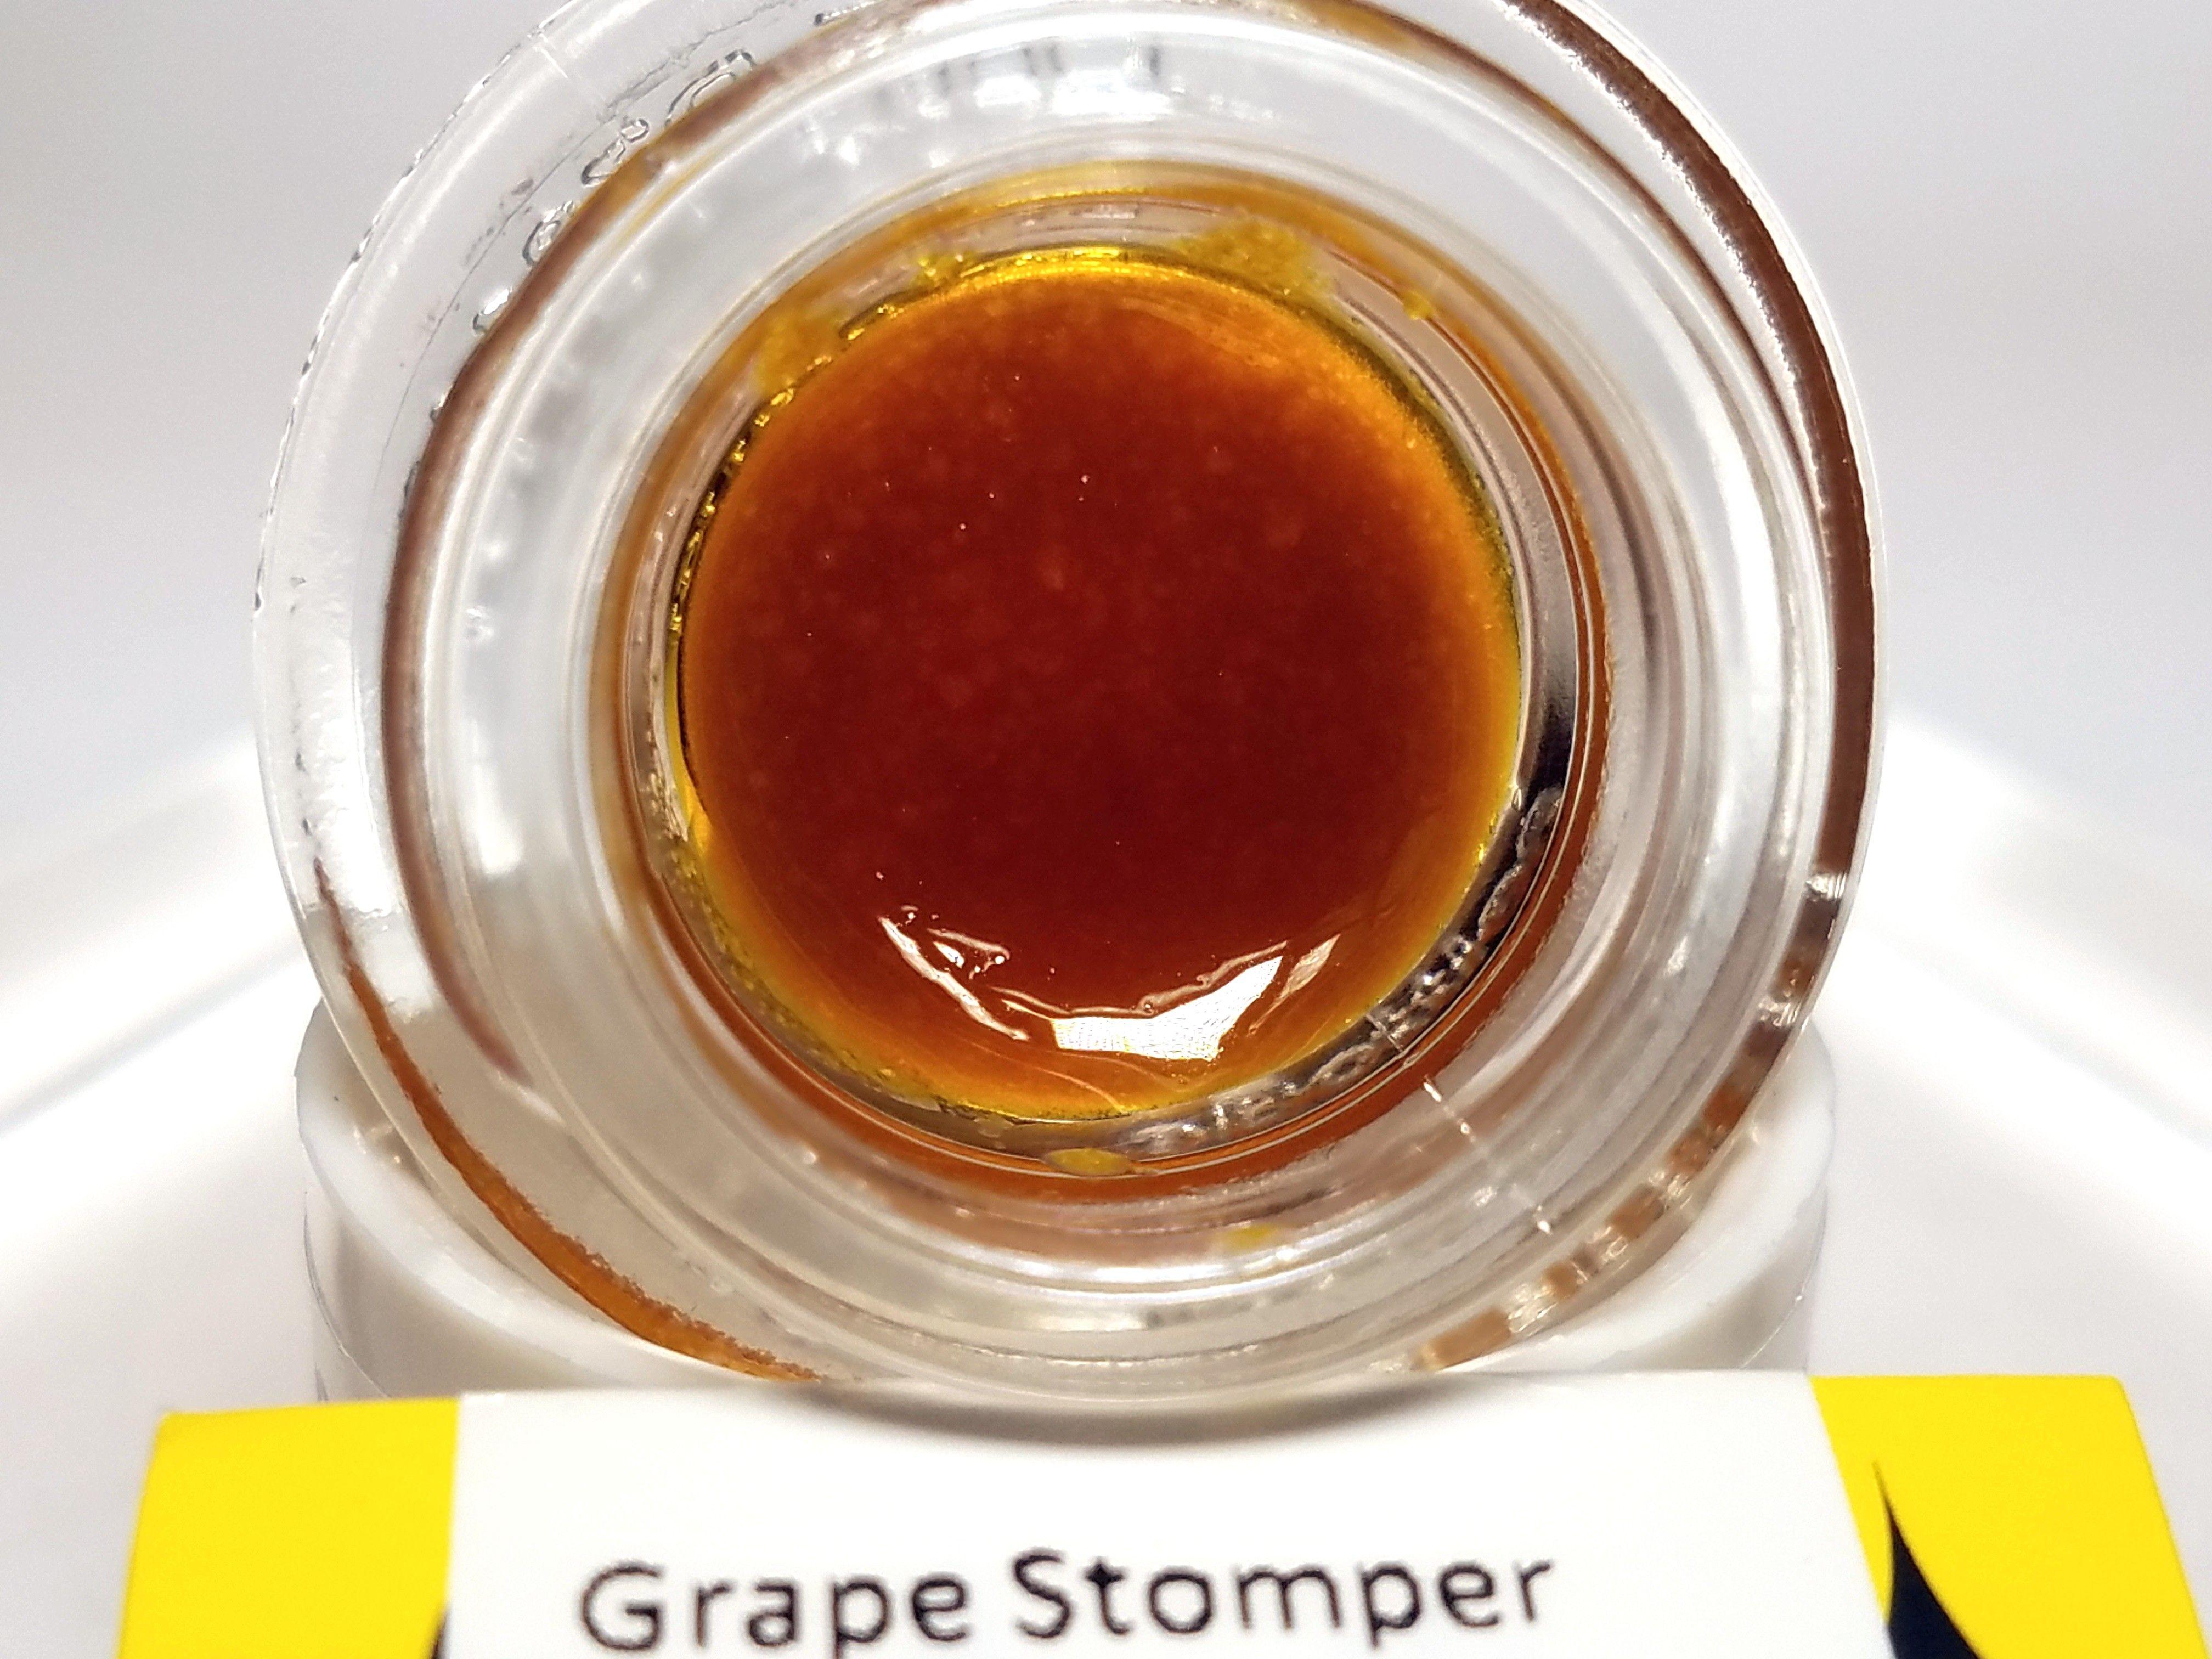 Bobsled - Grape Stomper, Hybrid, Sauce